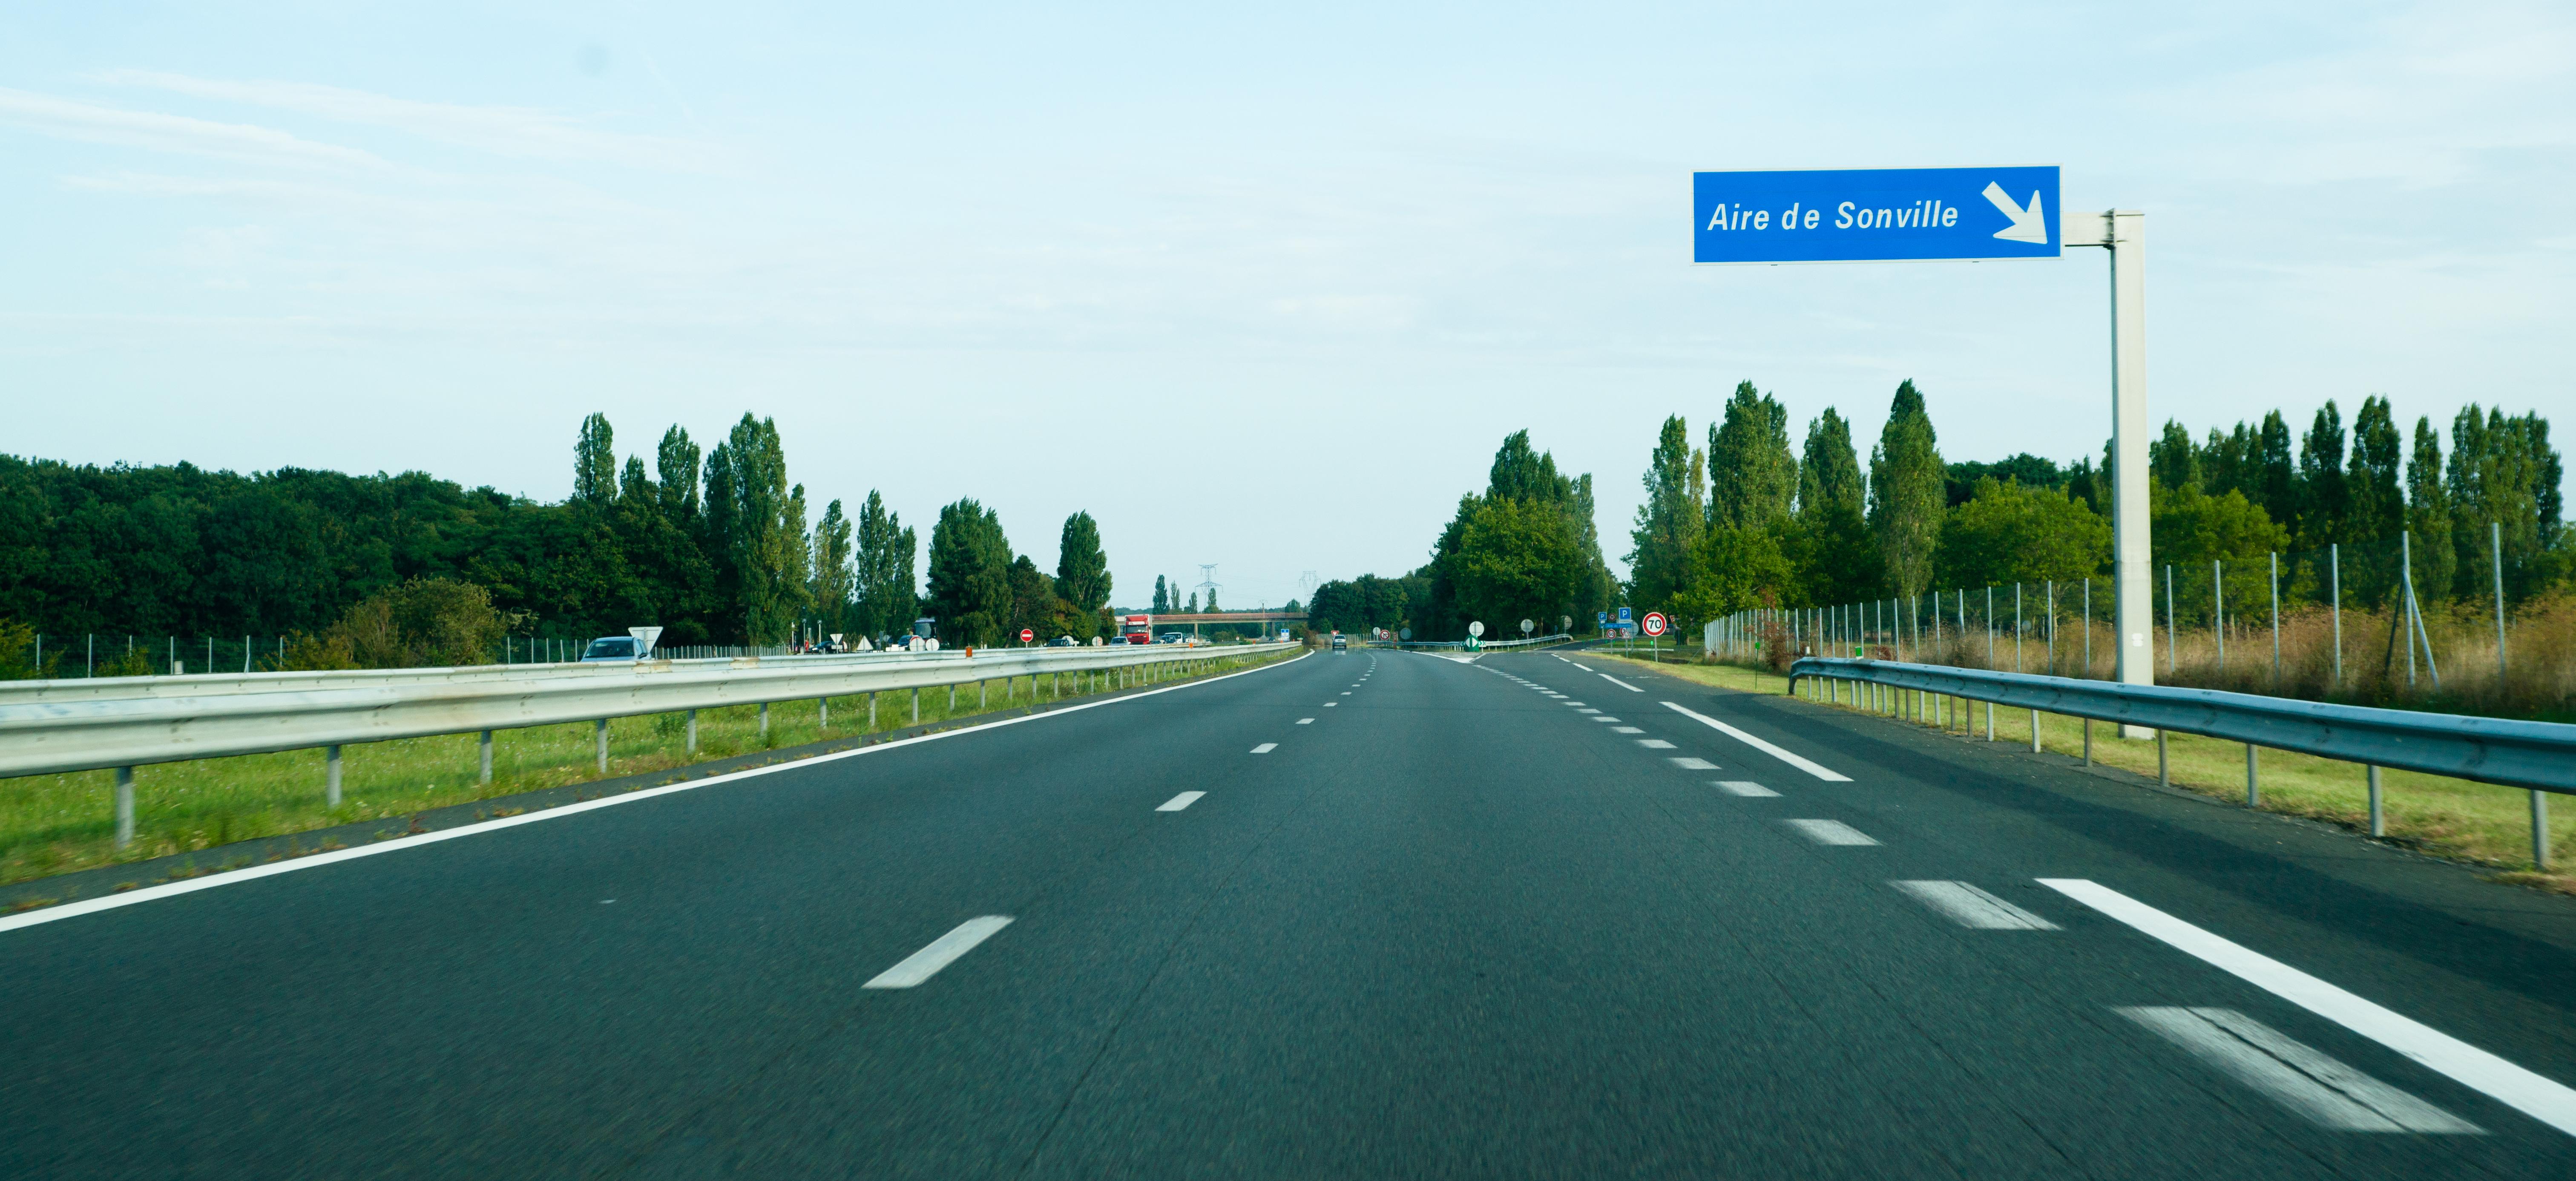 Aire autoroute a7 rencontre